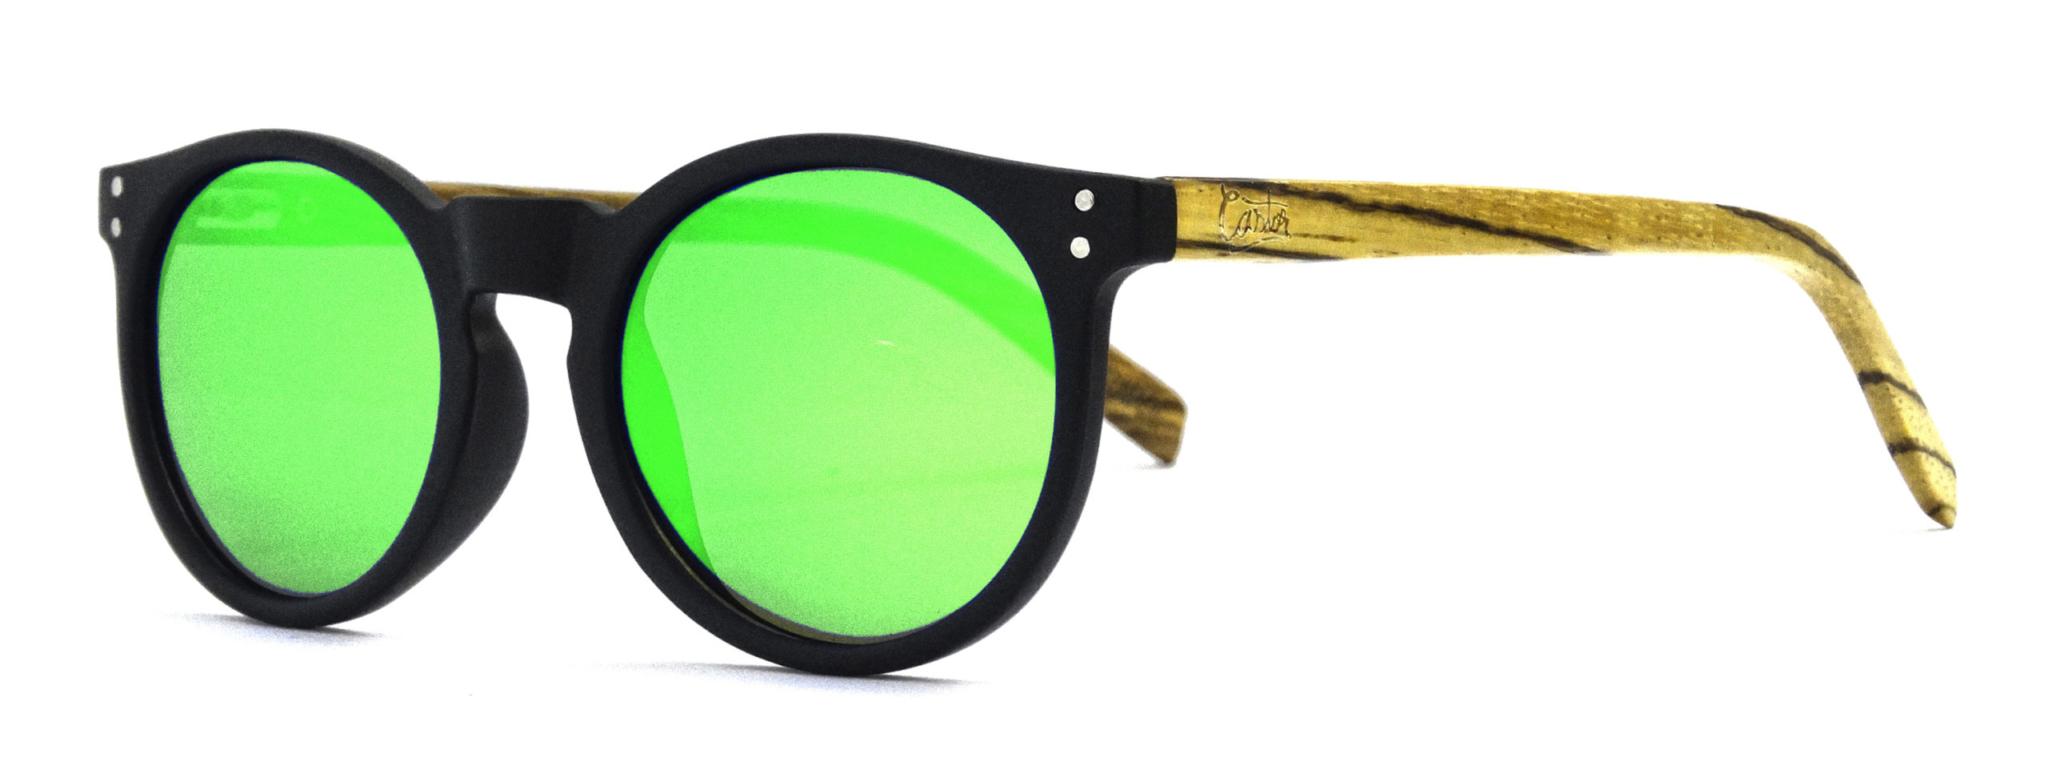 b38995a0-67b-gafas-de-sol